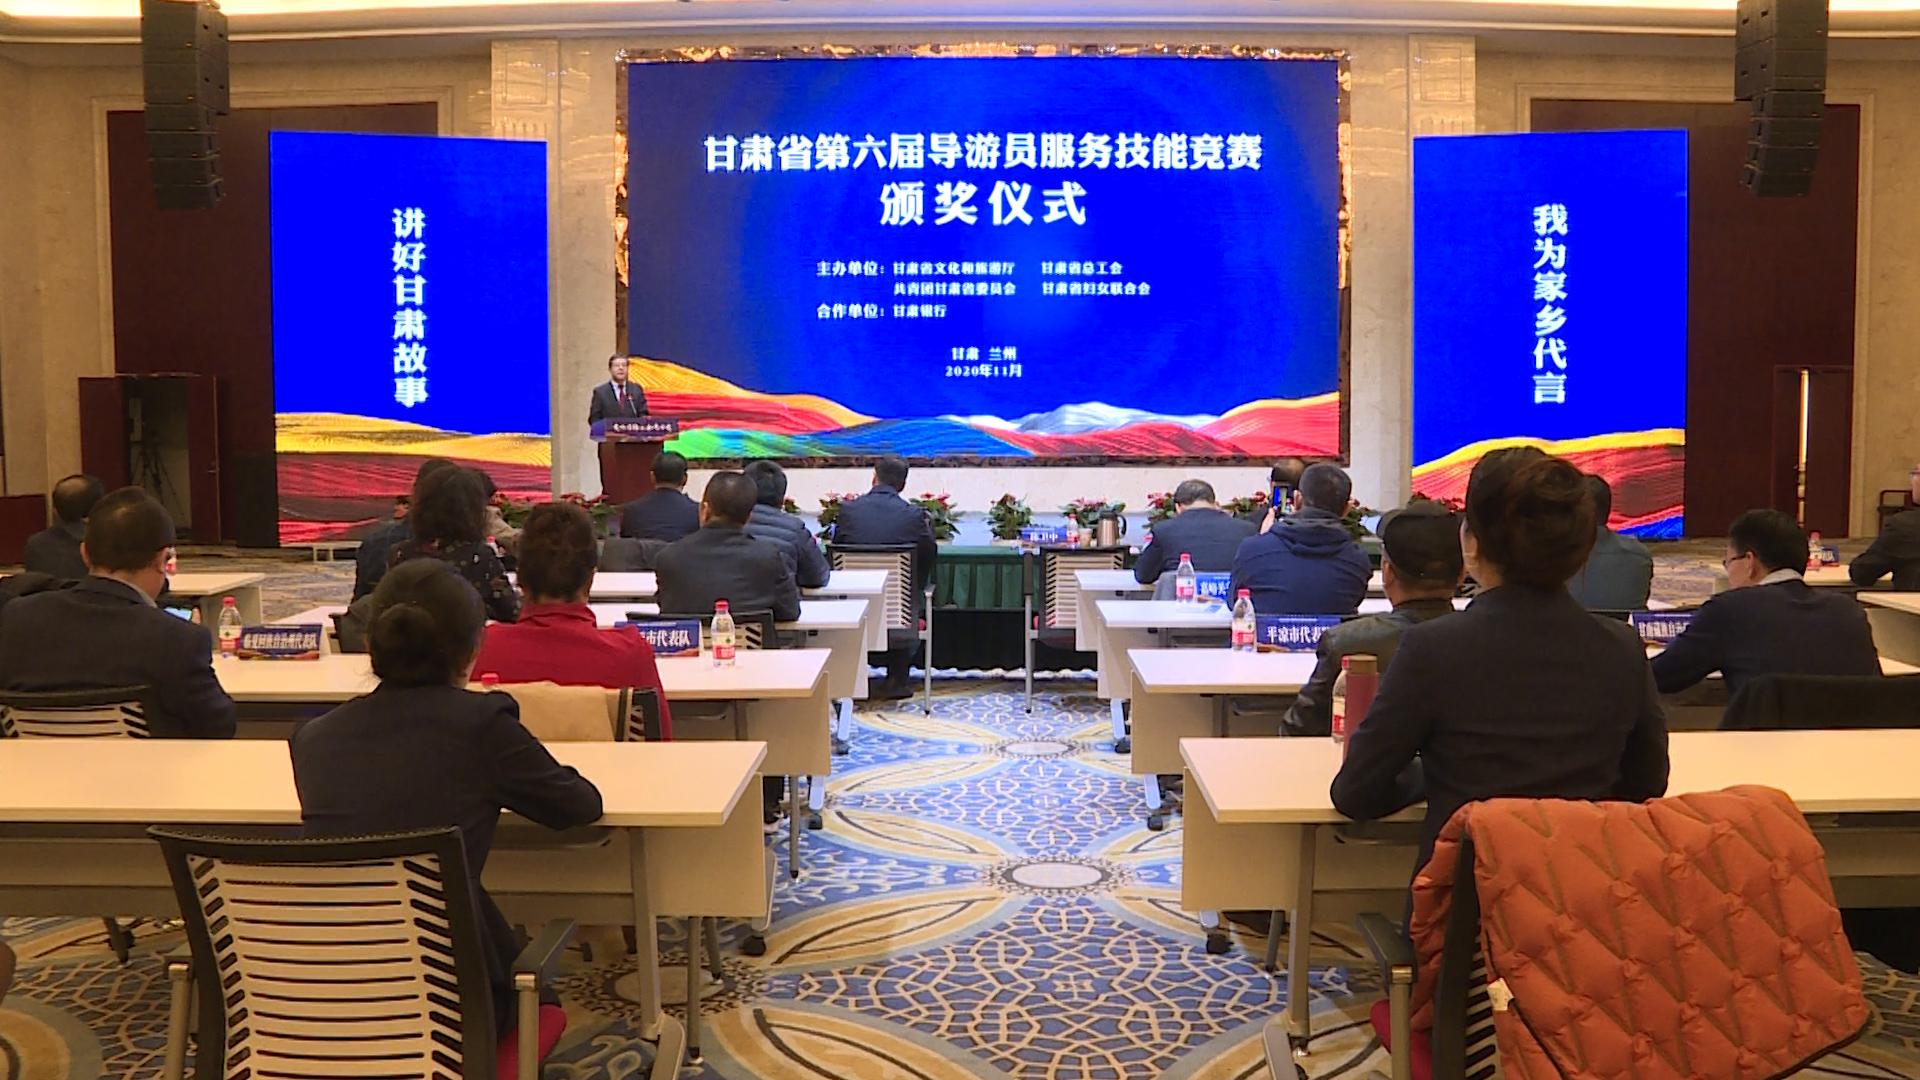 甘肅省第六屆導游員服務技能競賽頒獎儀式在蘭州舉行 獲獎個人和集體受表彰